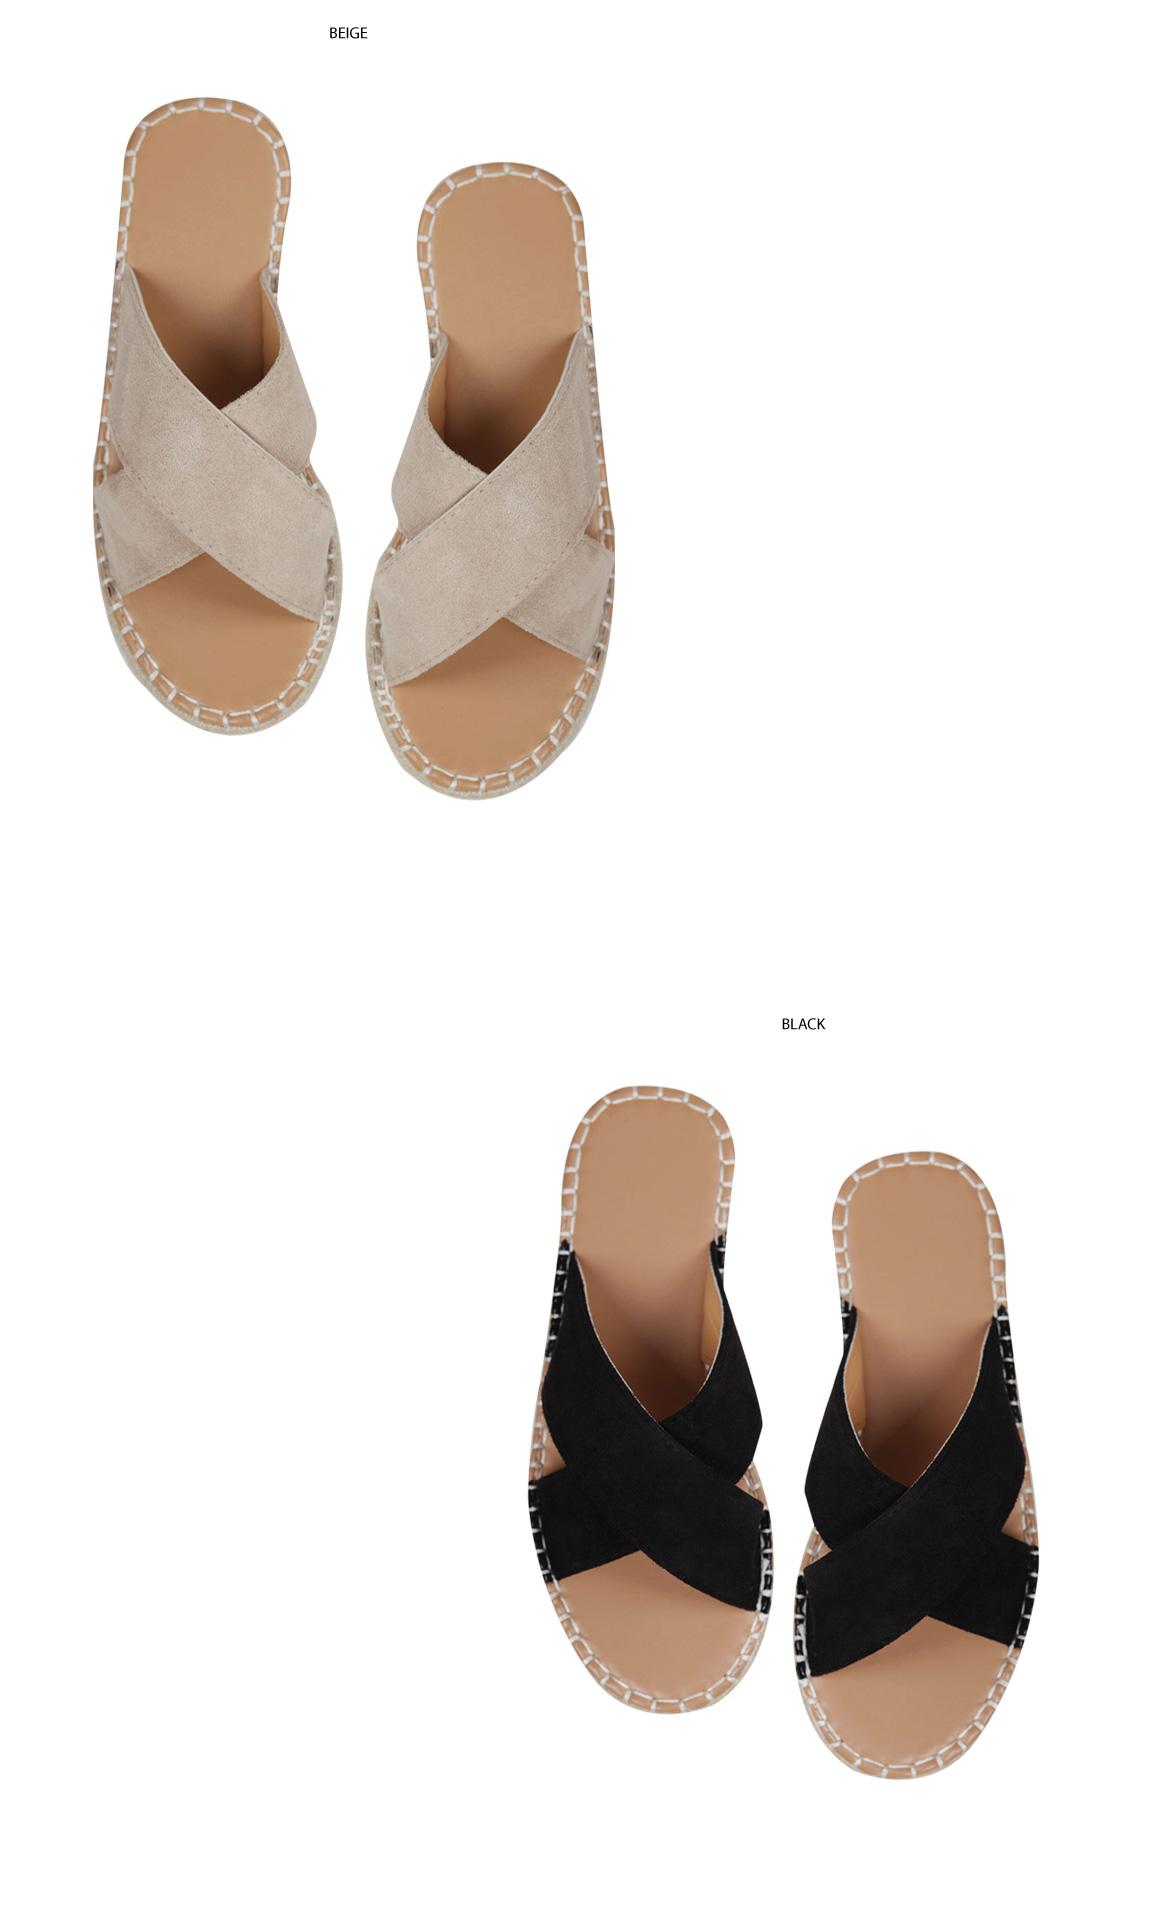 10% off 4.8 cm heel !! Wedge slipper